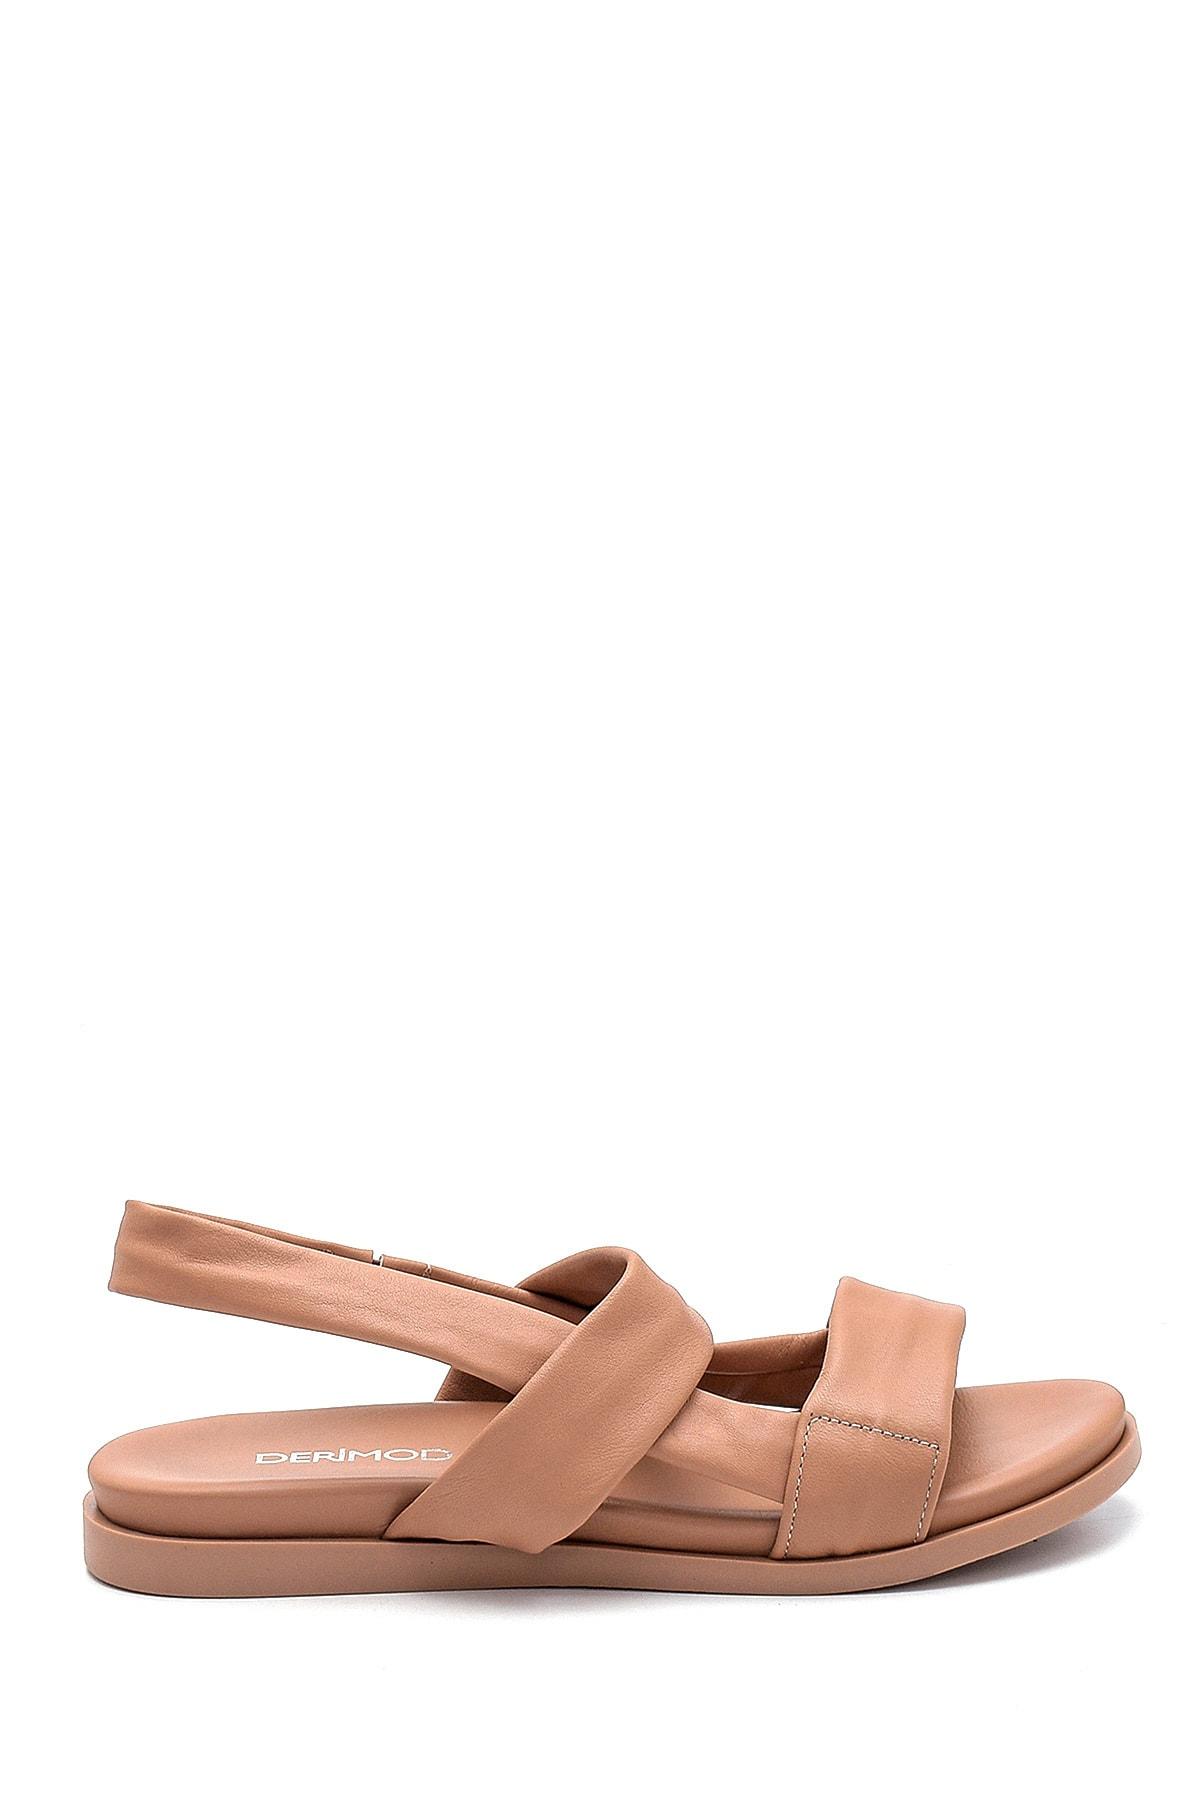 Kadın Bej Deri Sandalet